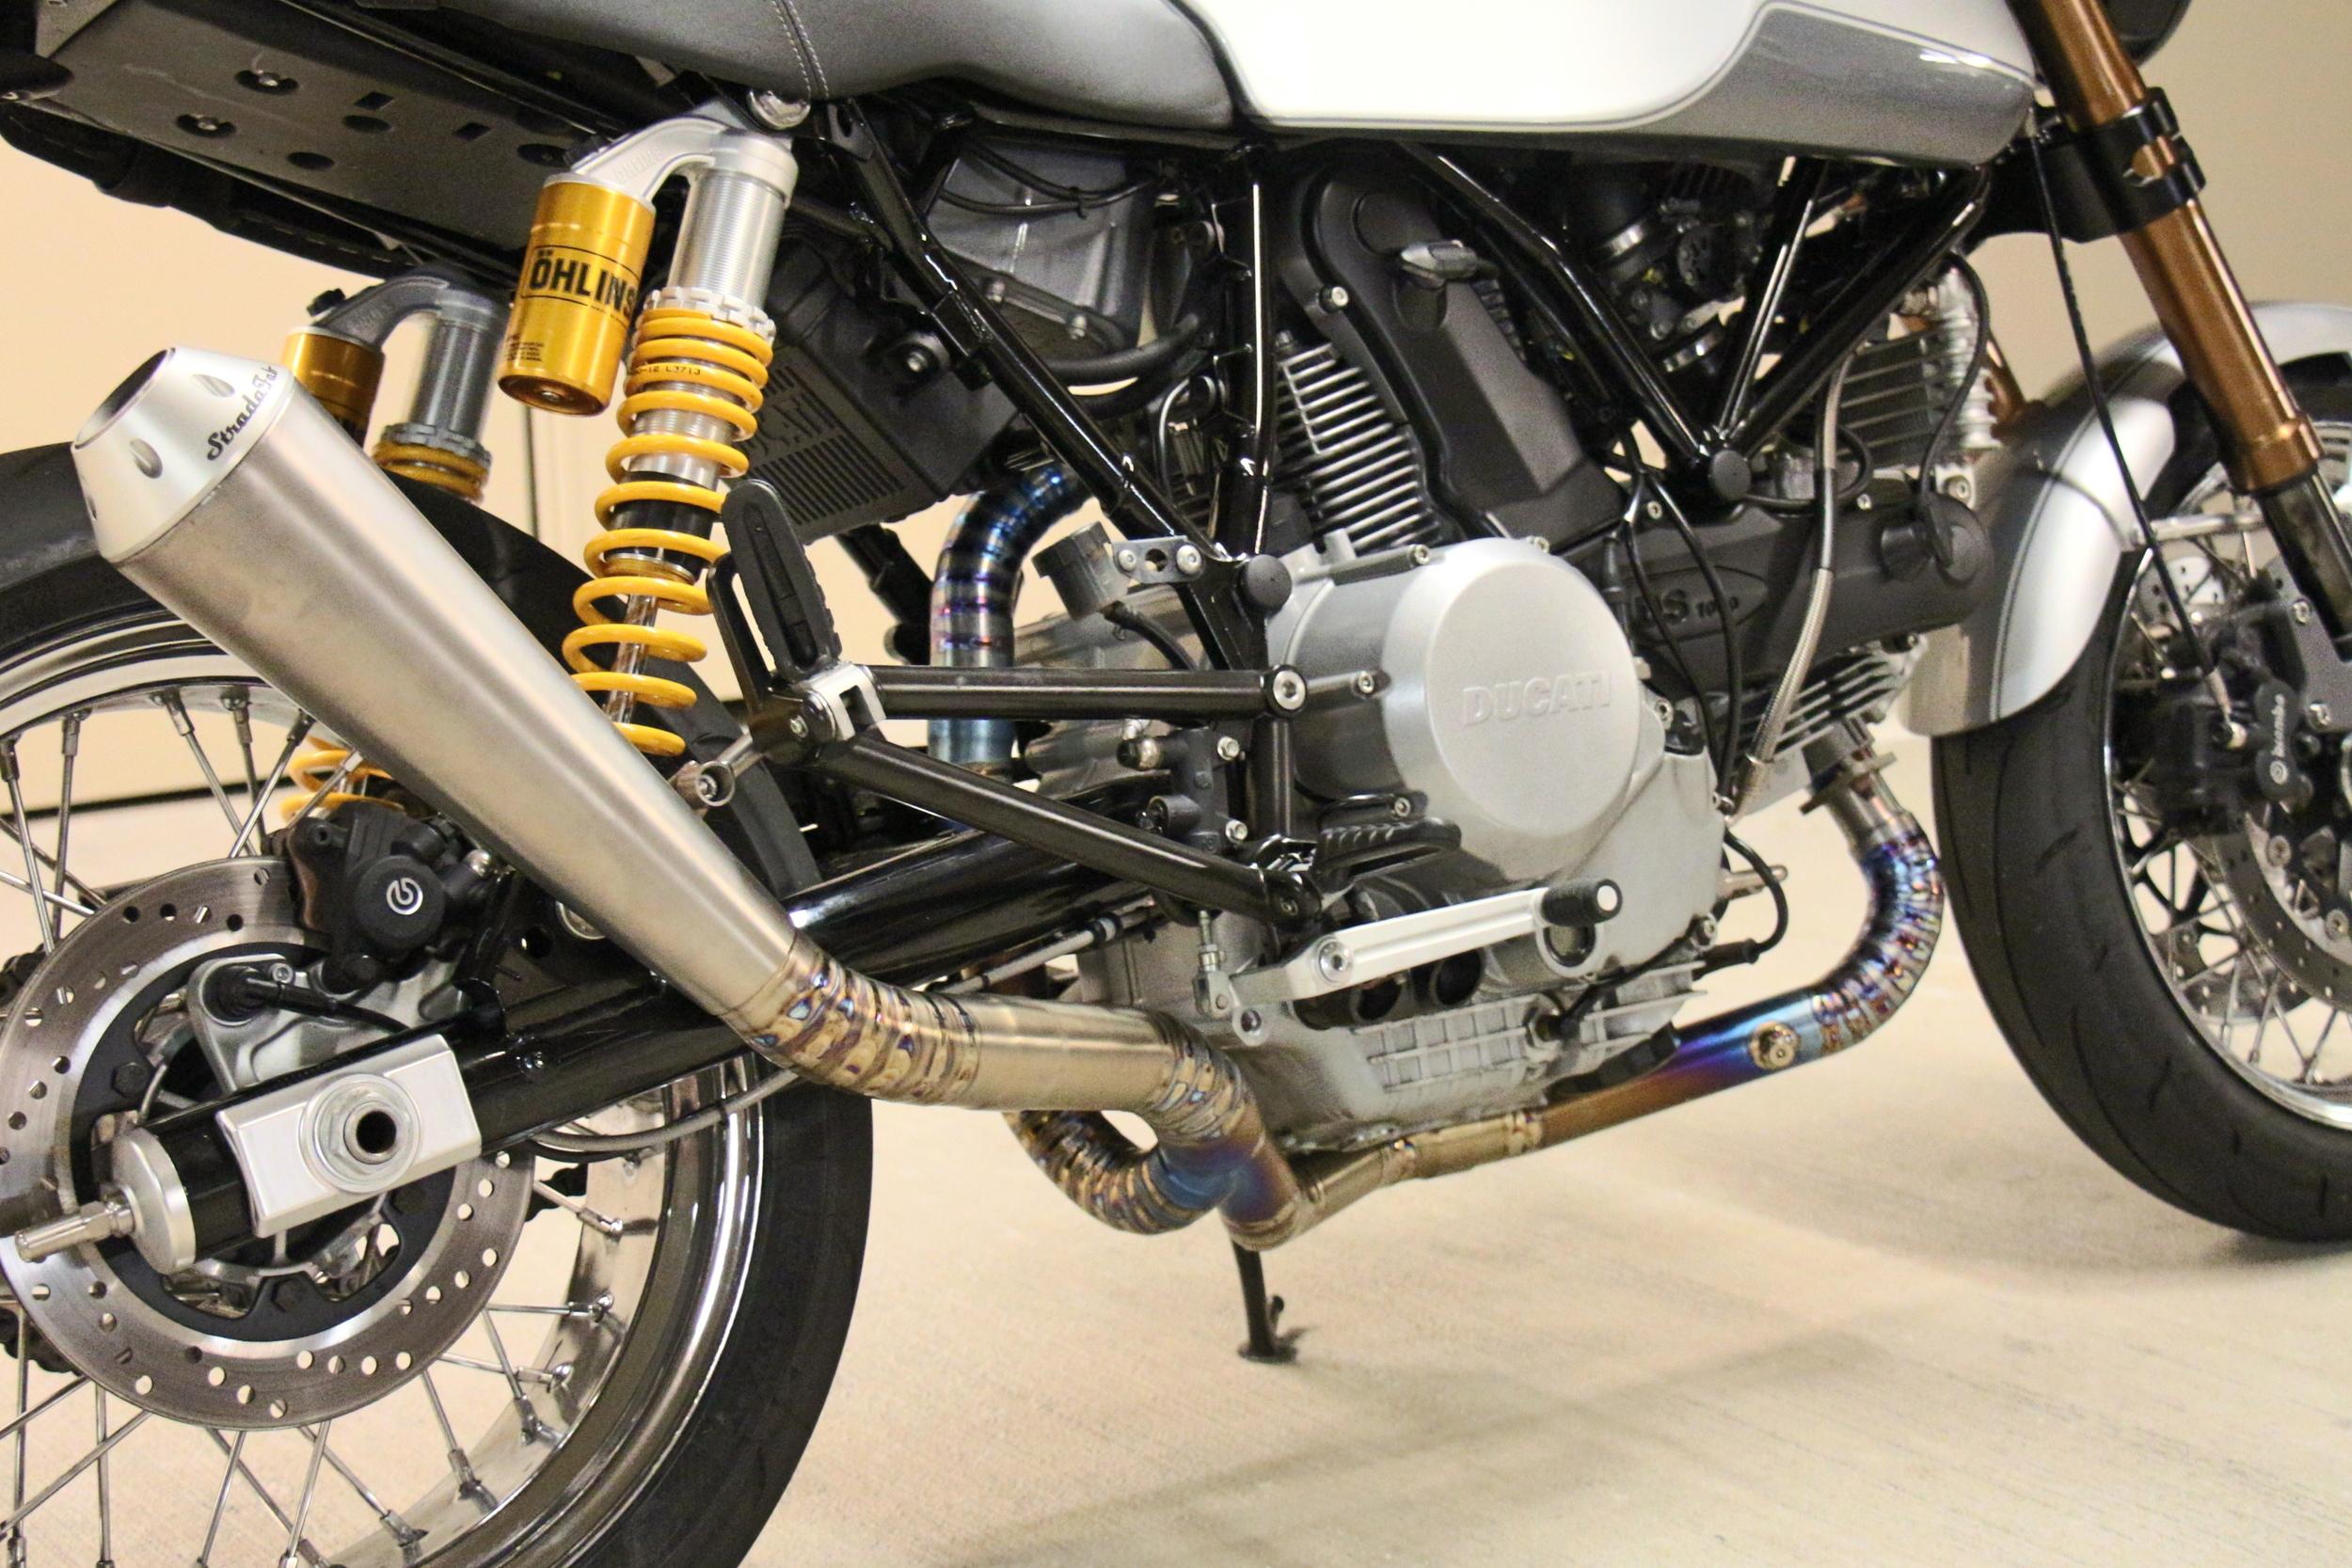 Ducati GT1000 with StradaFab Titanium exhaust